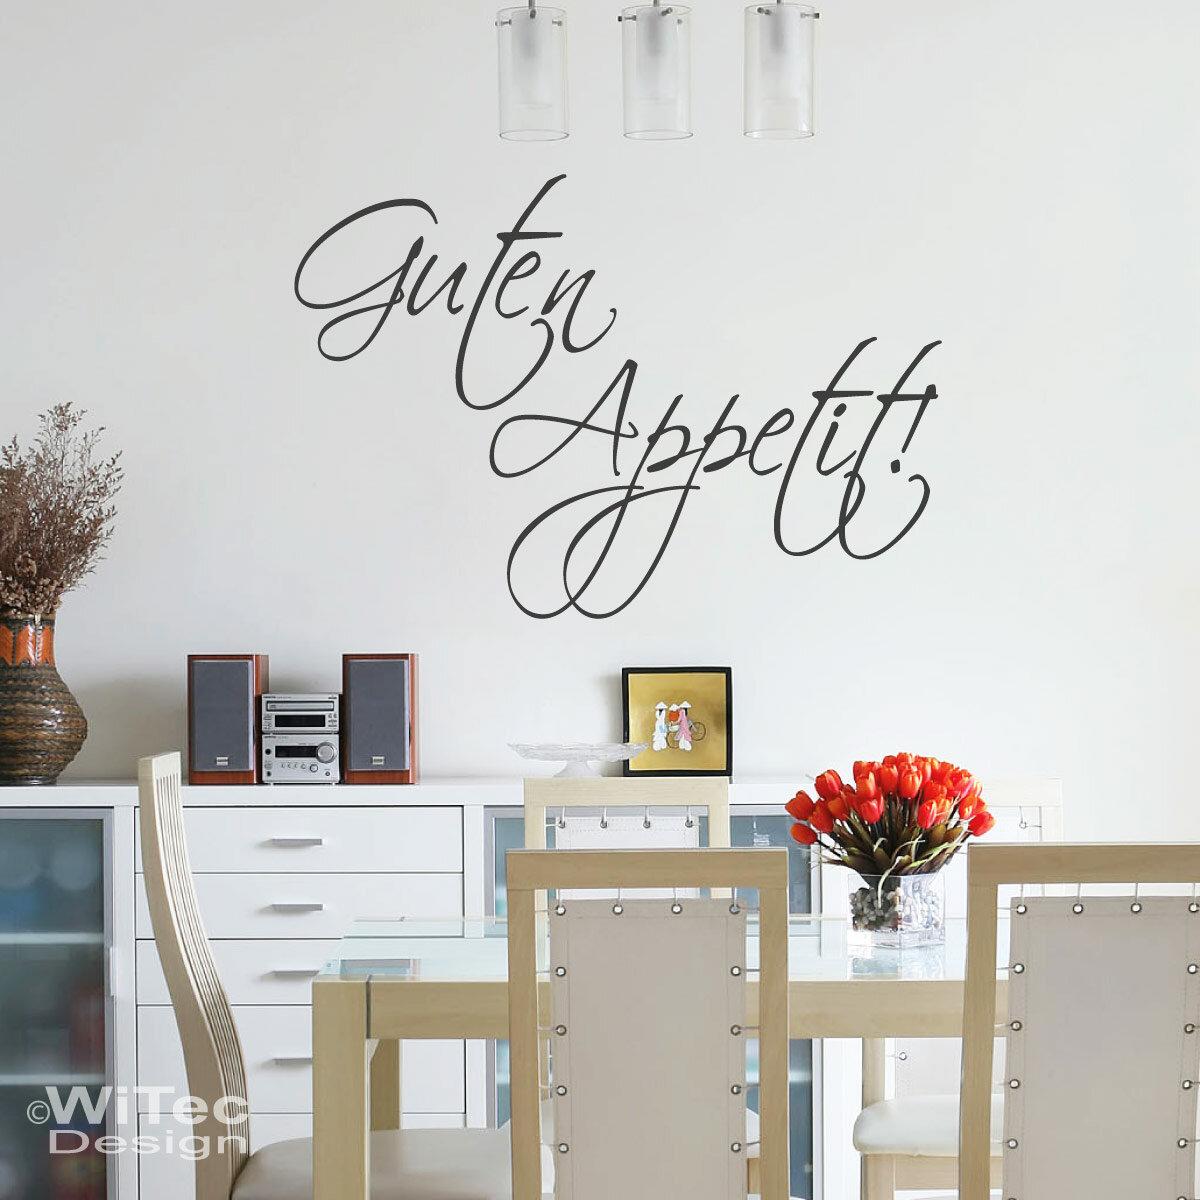 Niedlich Wandtattoo Küche Guten Appetit Fotos - Innenarchitektur ...